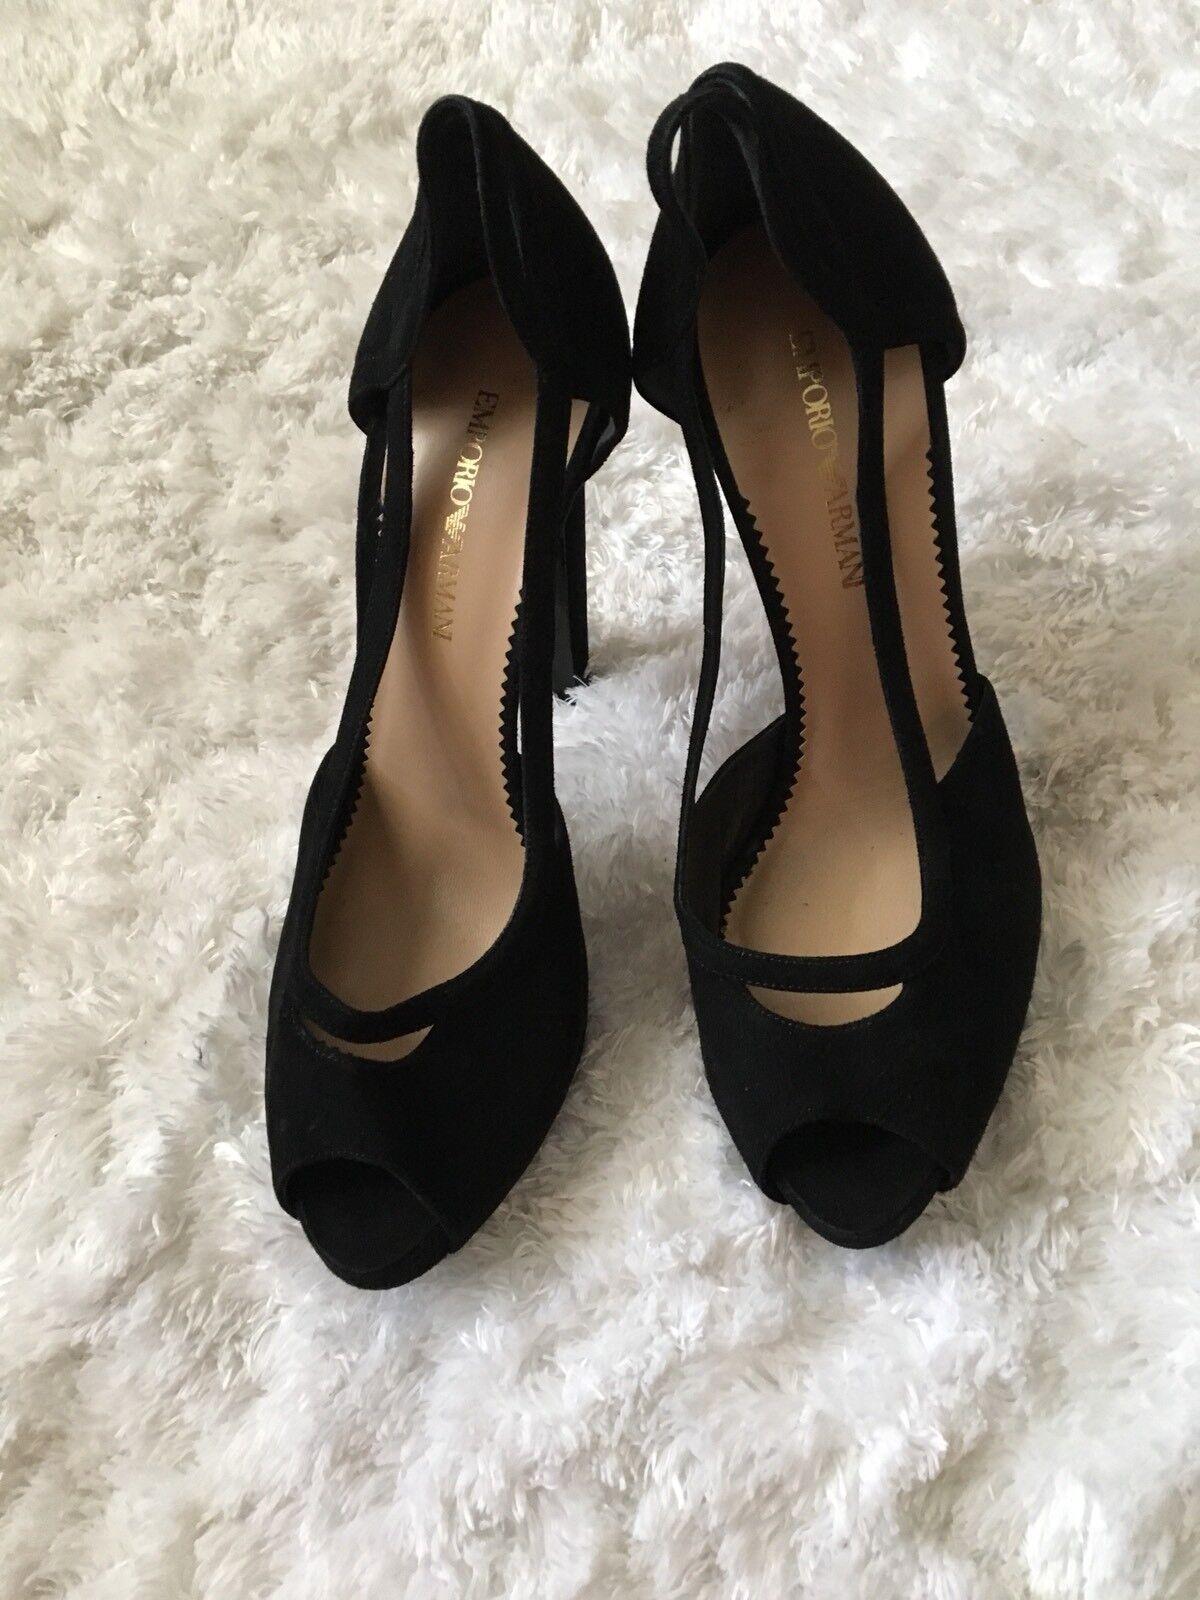 Emporio Armani Heels Open Toe Suede  Leather Black  Sz 39.5 US 9